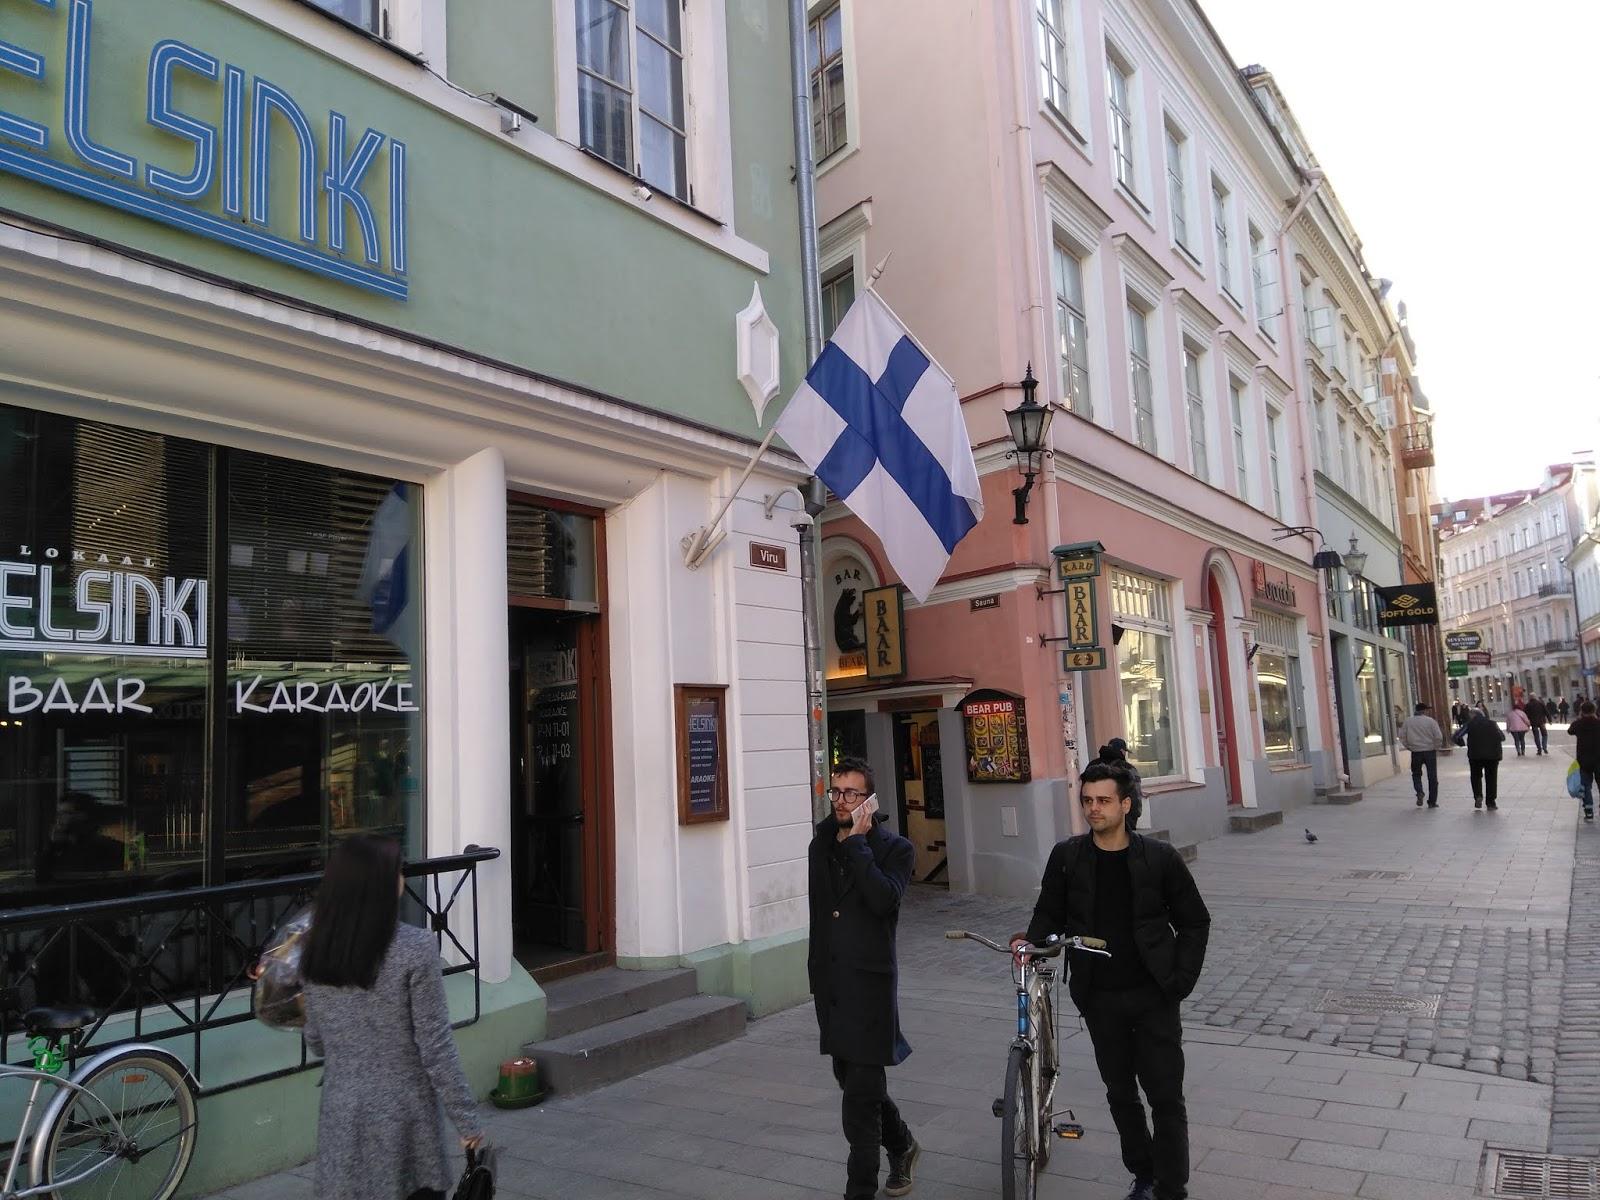 Tallink Express Hotel Kokemuksia Viron Huorat